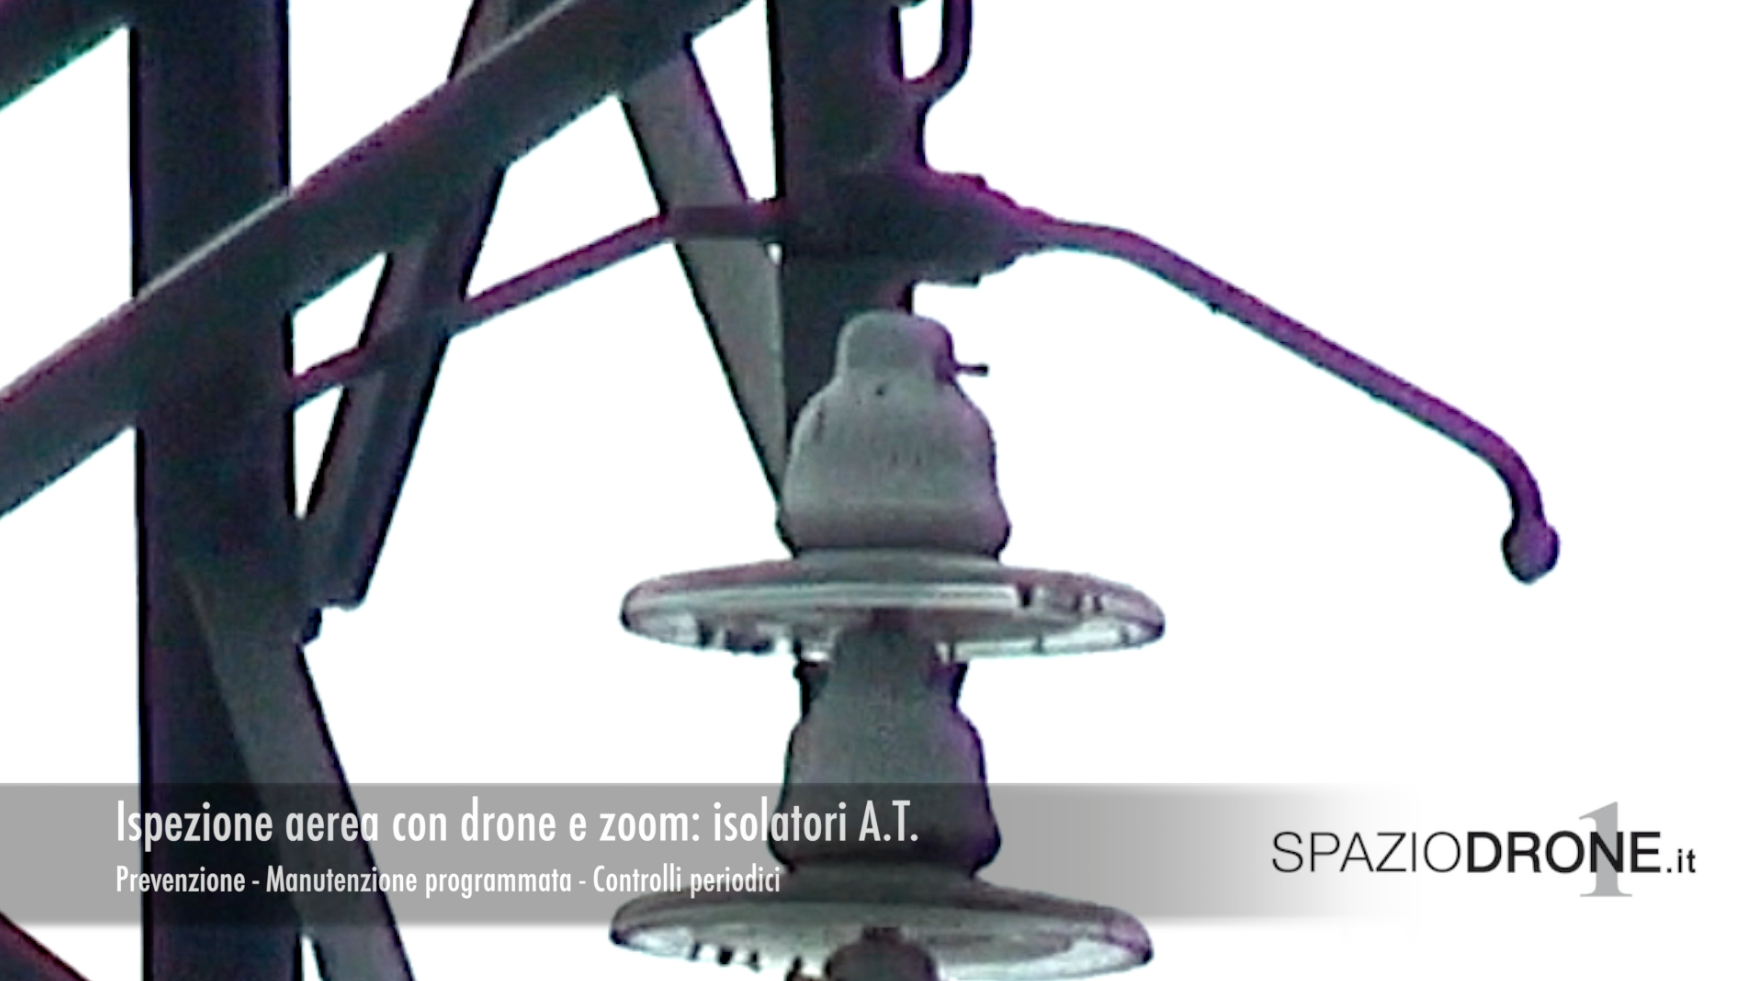 https://www.spaziodrone.it/wp-content/uploads/2016/04/dettaglio-1.png